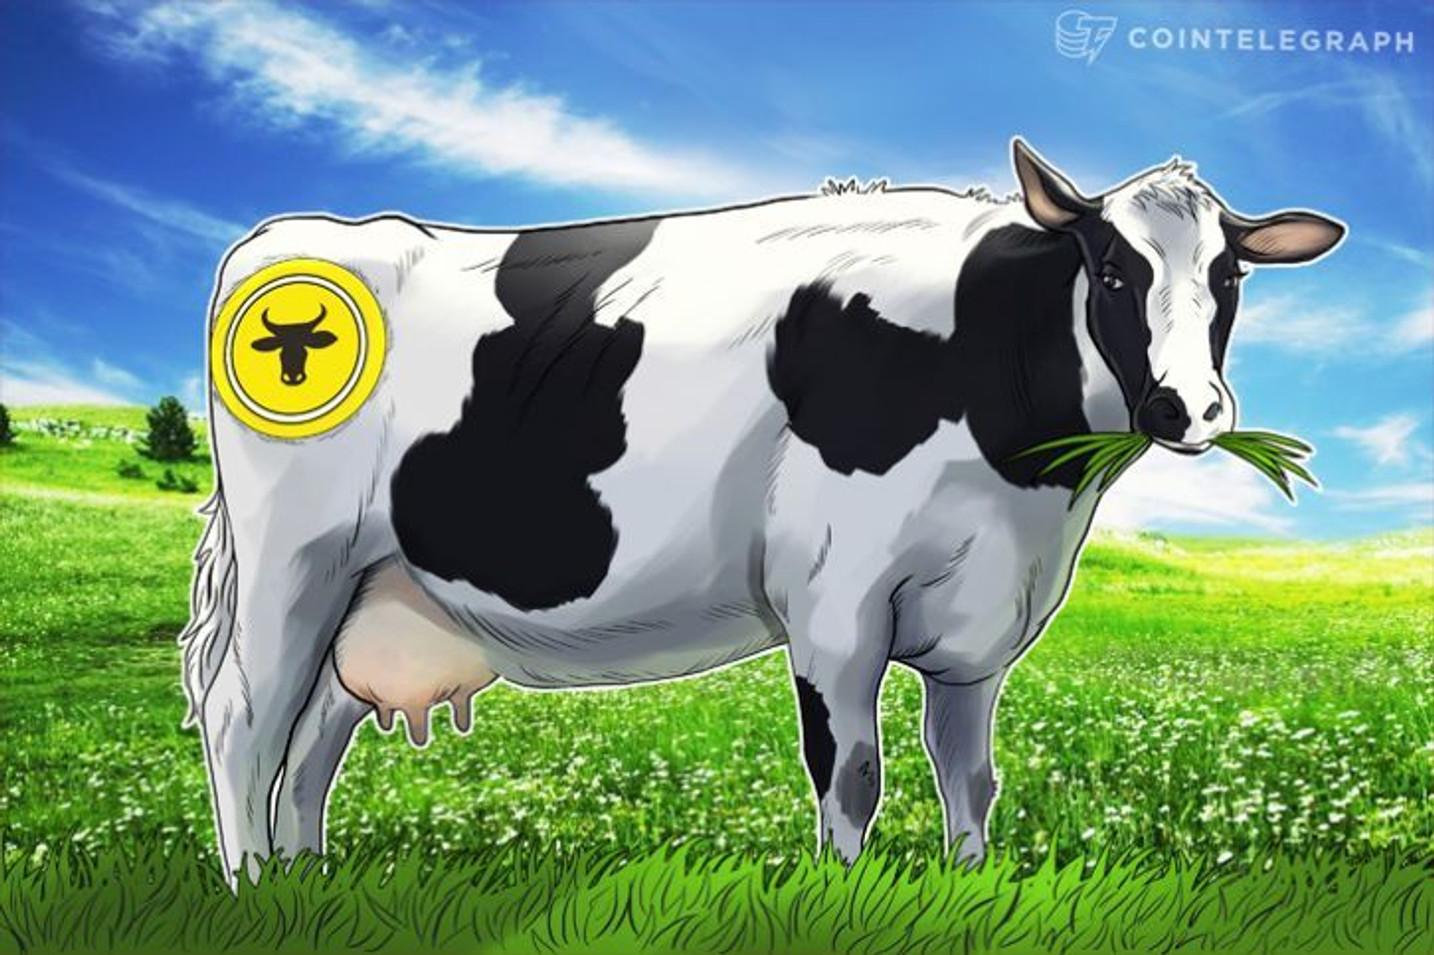 Marfrig adota blockchain em todos os fornecedores para garantir cadeia produtiva do gado livre de desmatamento